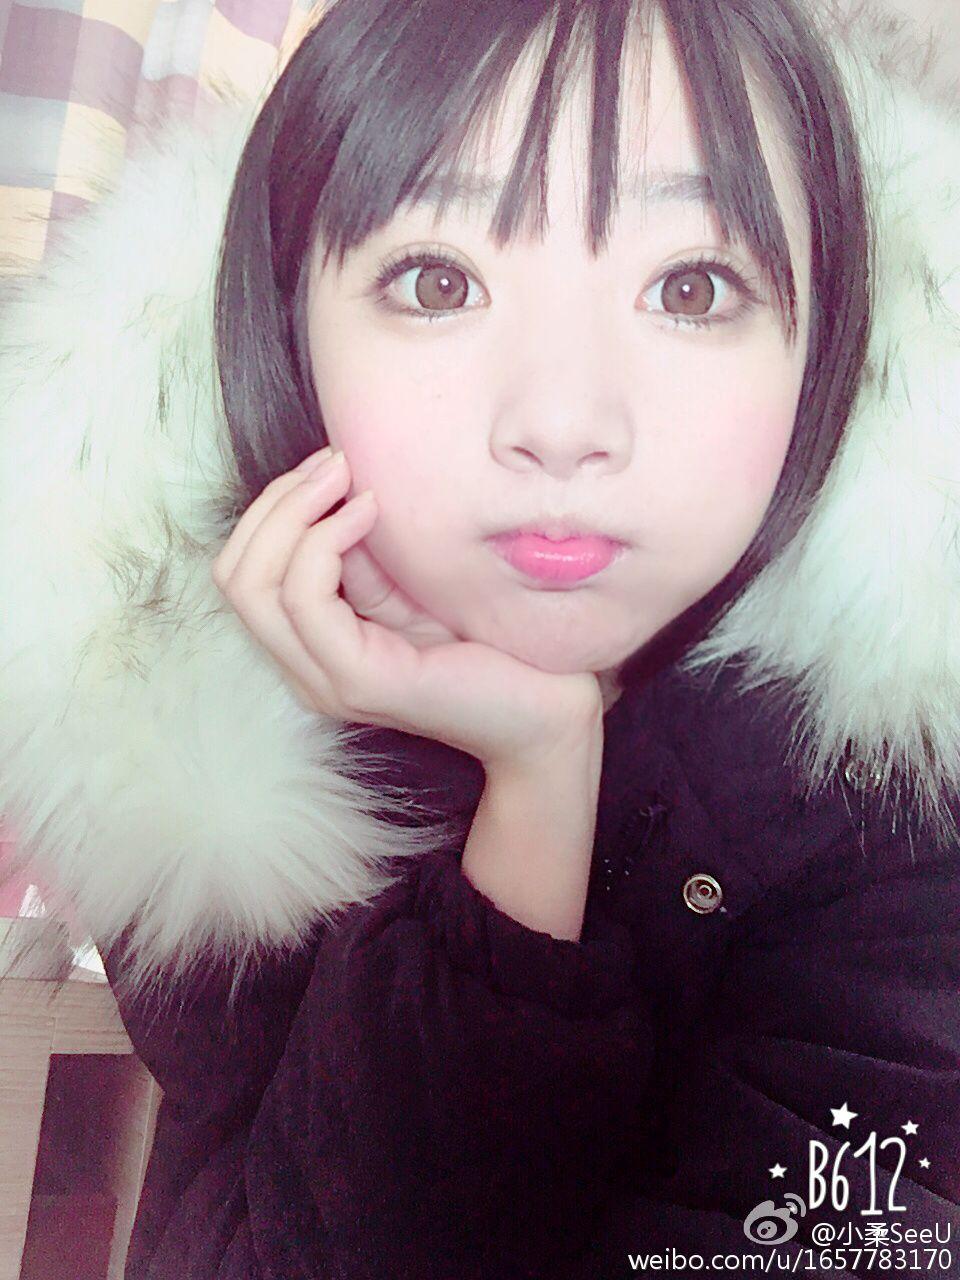 Pin by ily zhang on Coser Tiểu Nhu - 小柔SeeU   小柔seeu, 小柔, かわいい